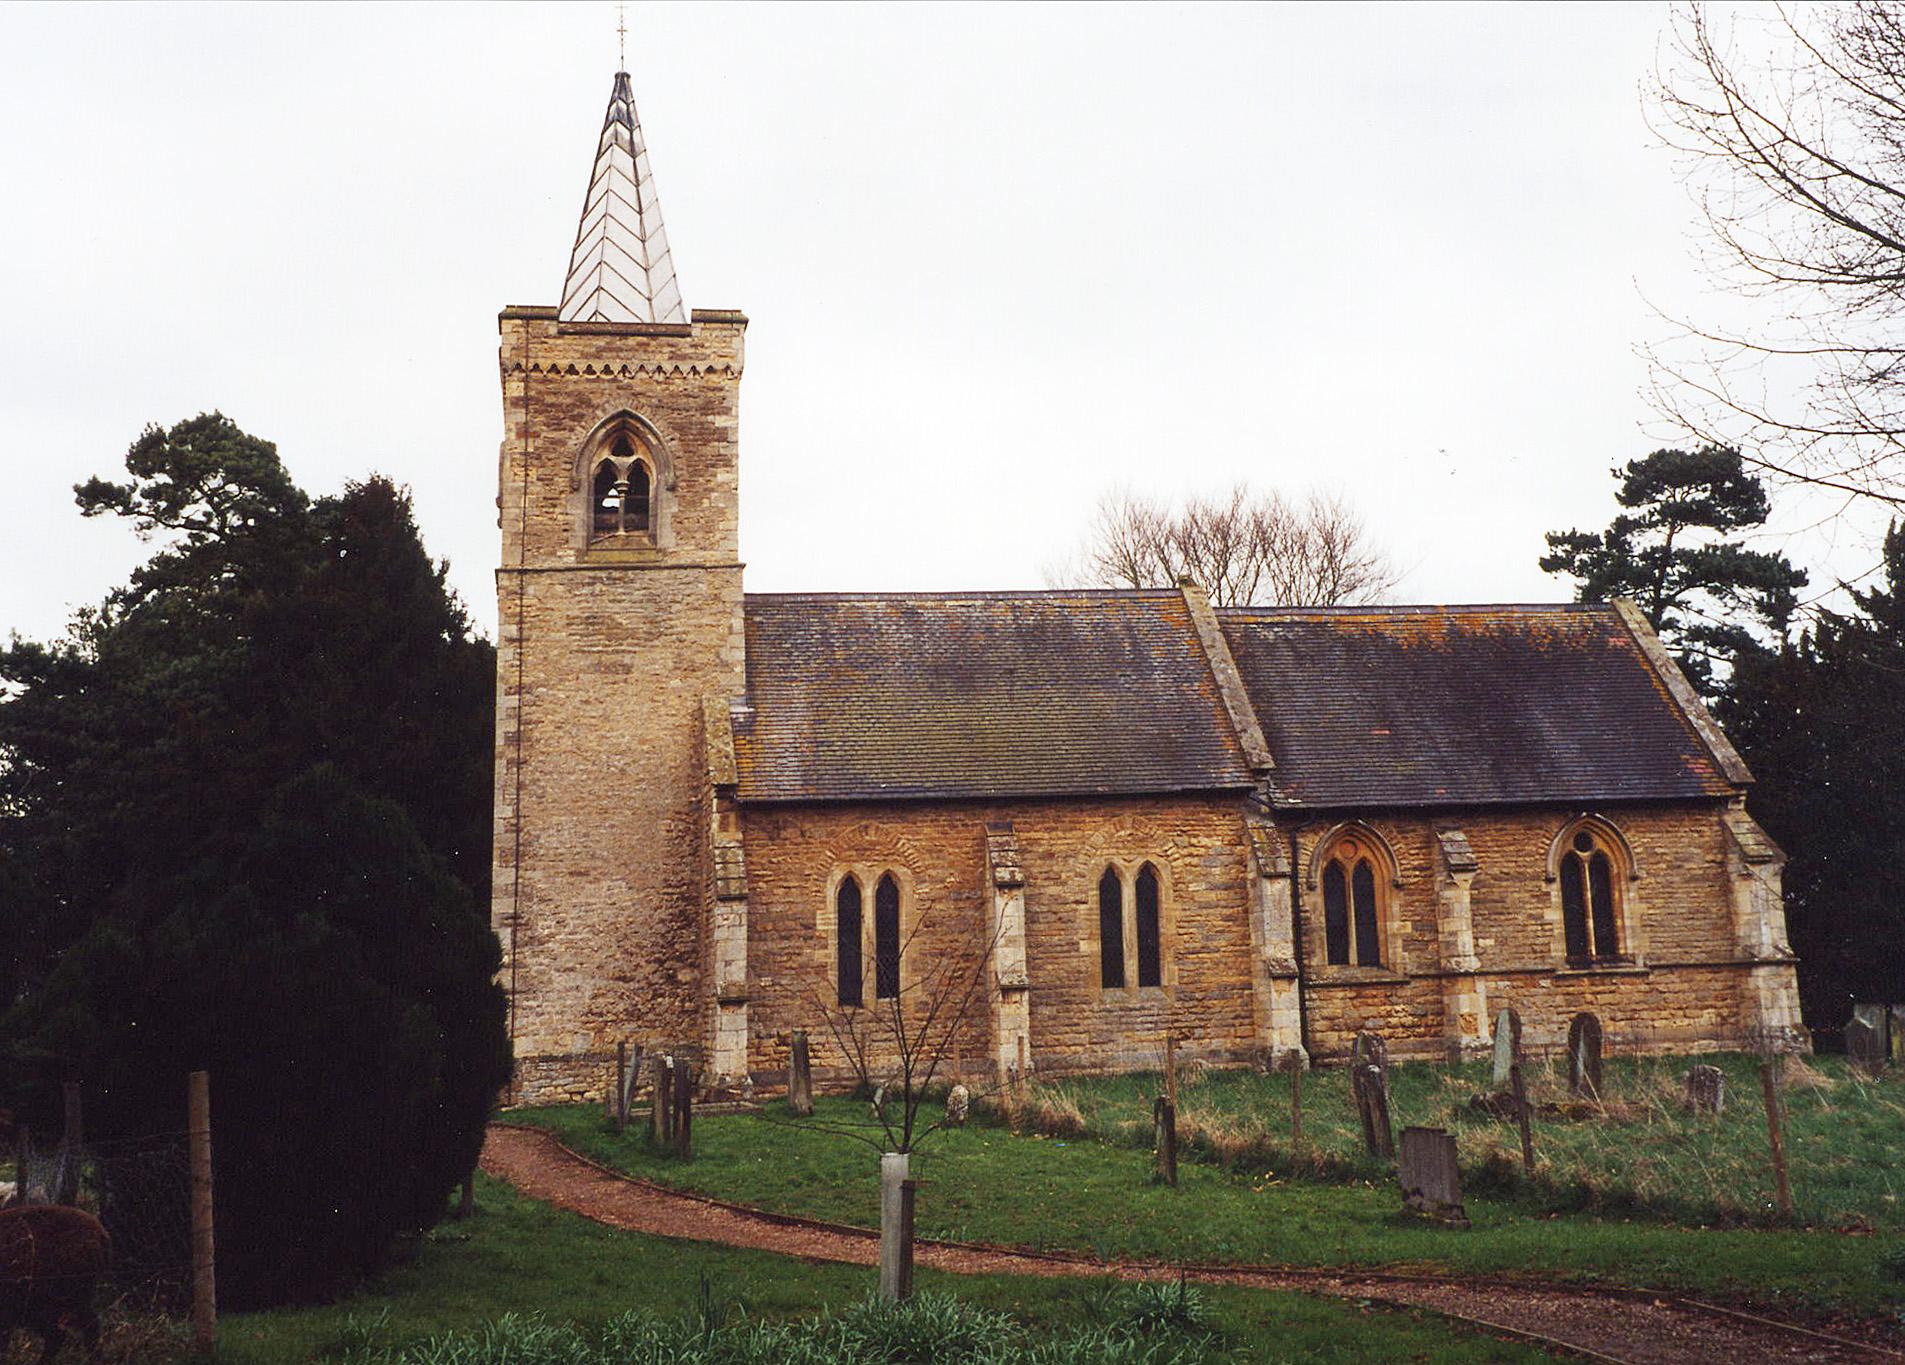 St. Cuthbert parish church